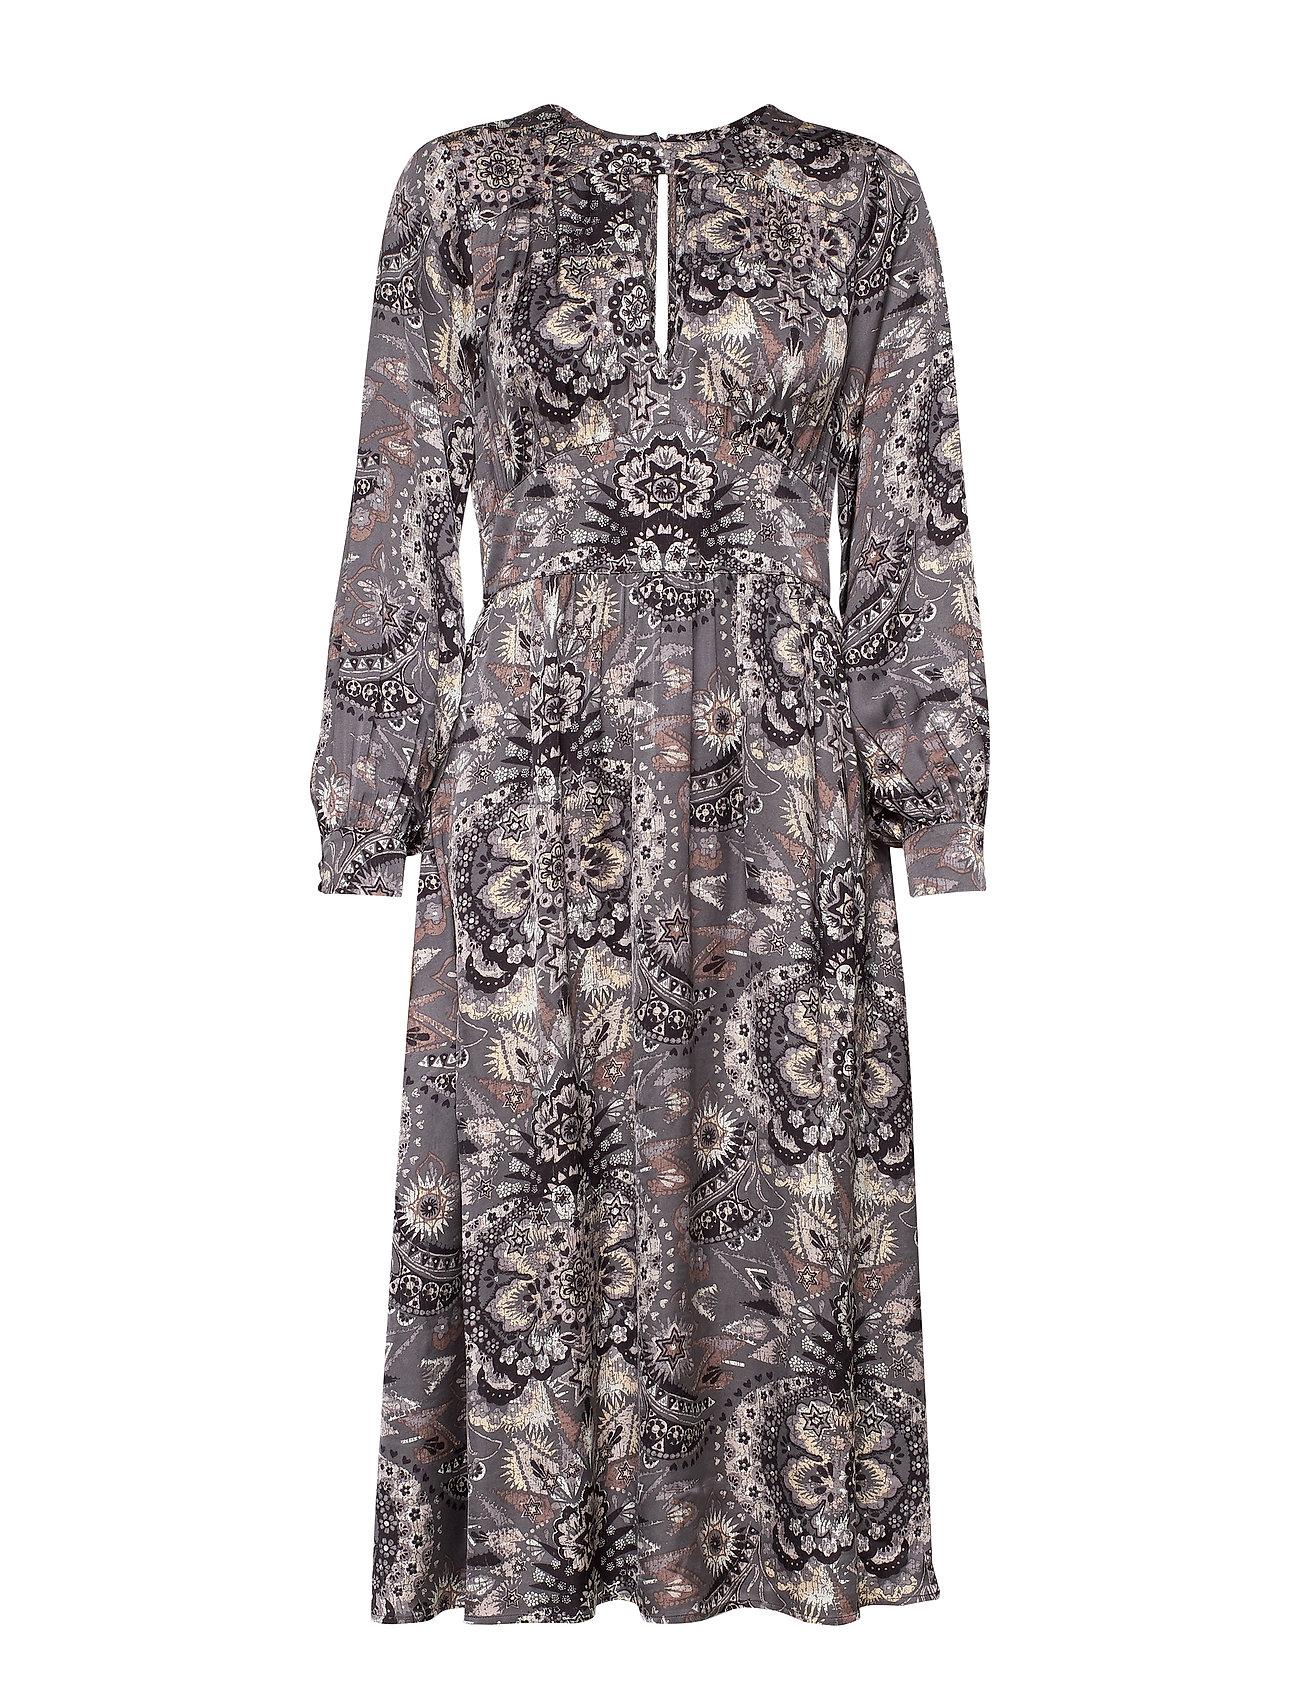 ODD MOLLY Head Turner Long Dress - ASPHALT